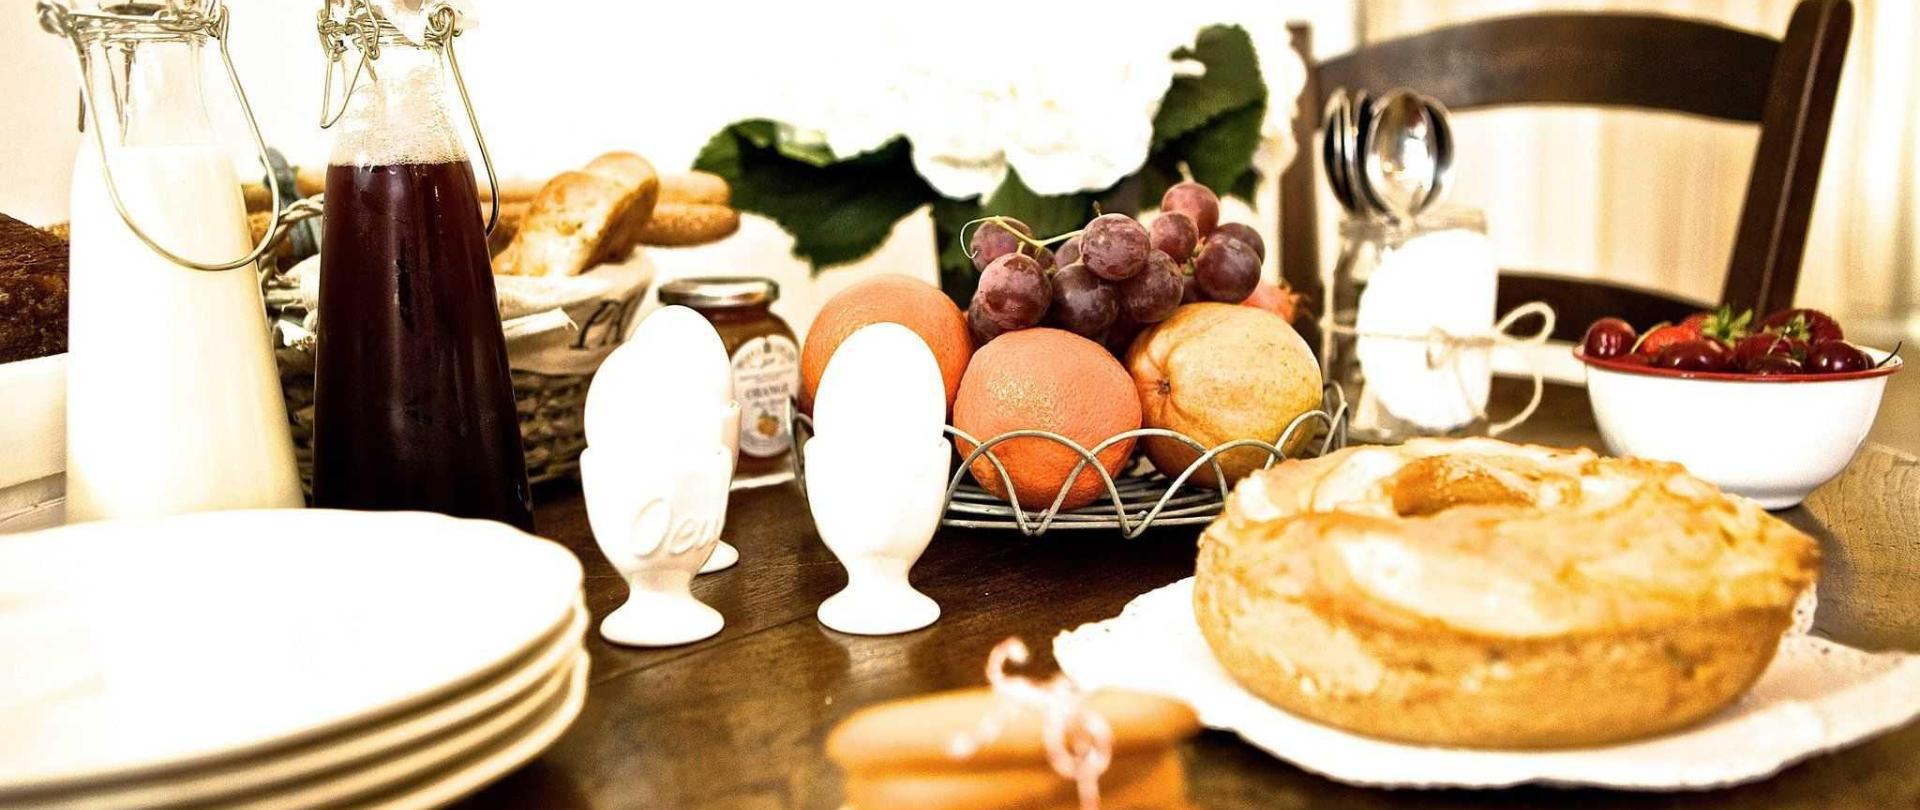 colazione2-1.jpg